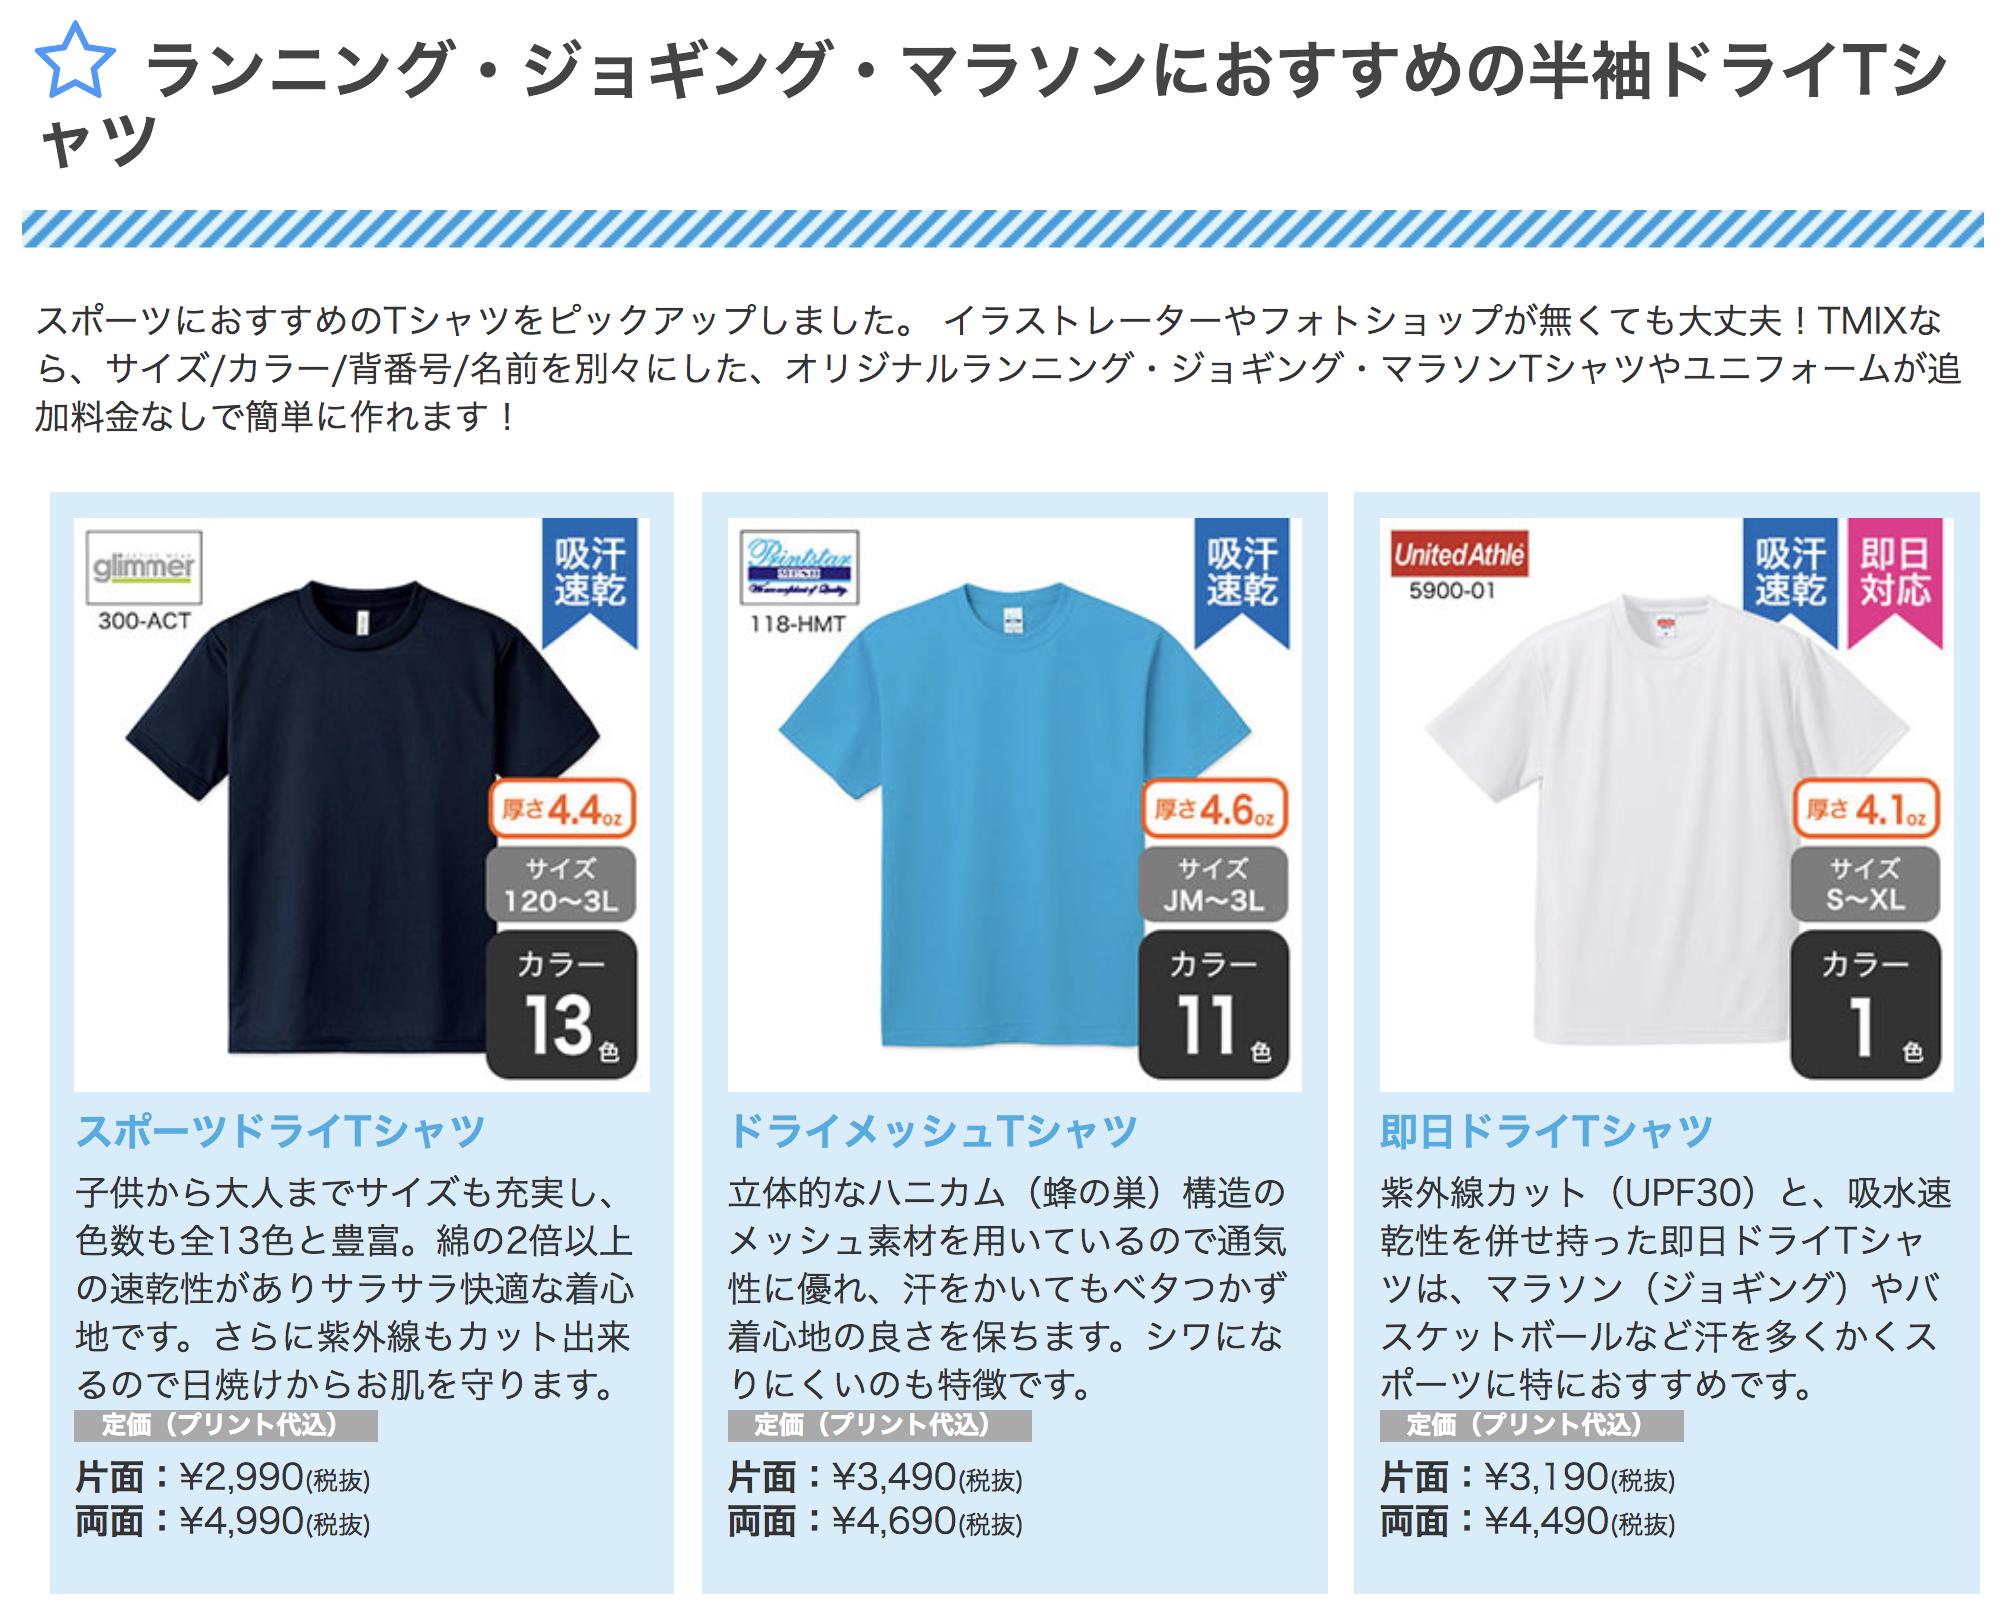 これで決まり!マラソンにオススメのTシャツ素材